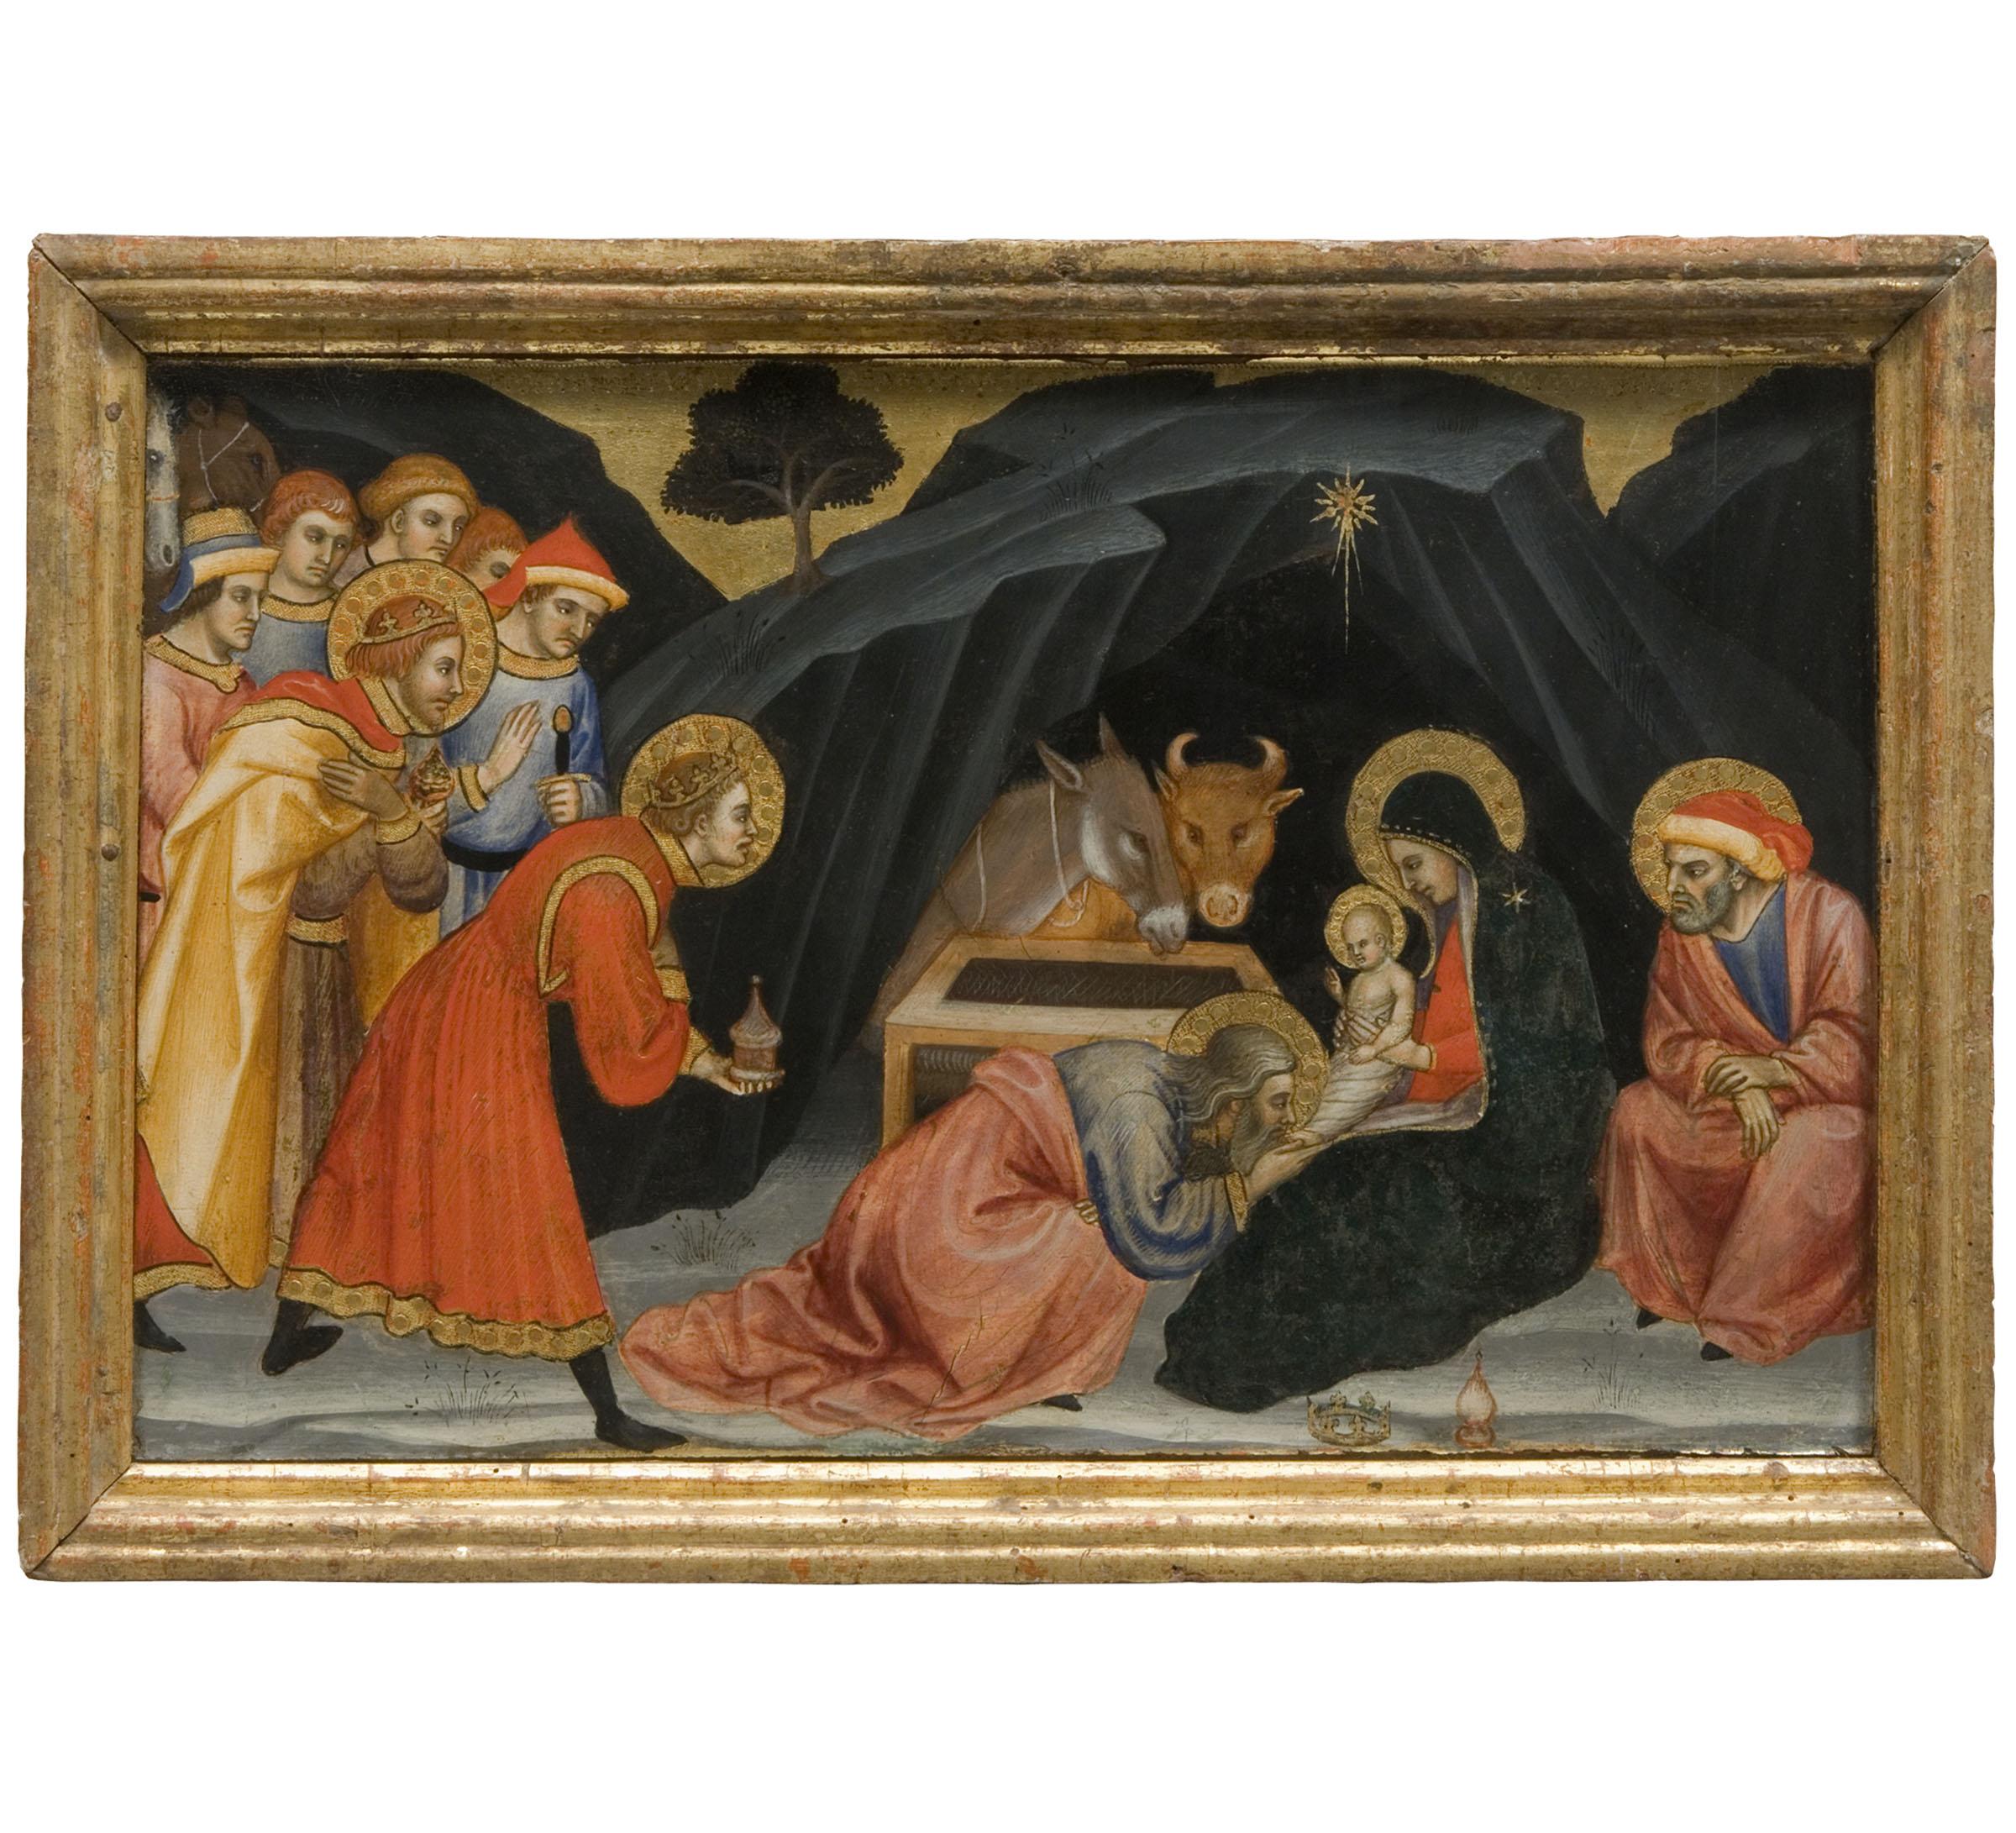 Pittori riscoperti: l'arte di Taddeo di Bartolo in mostra in Umbria